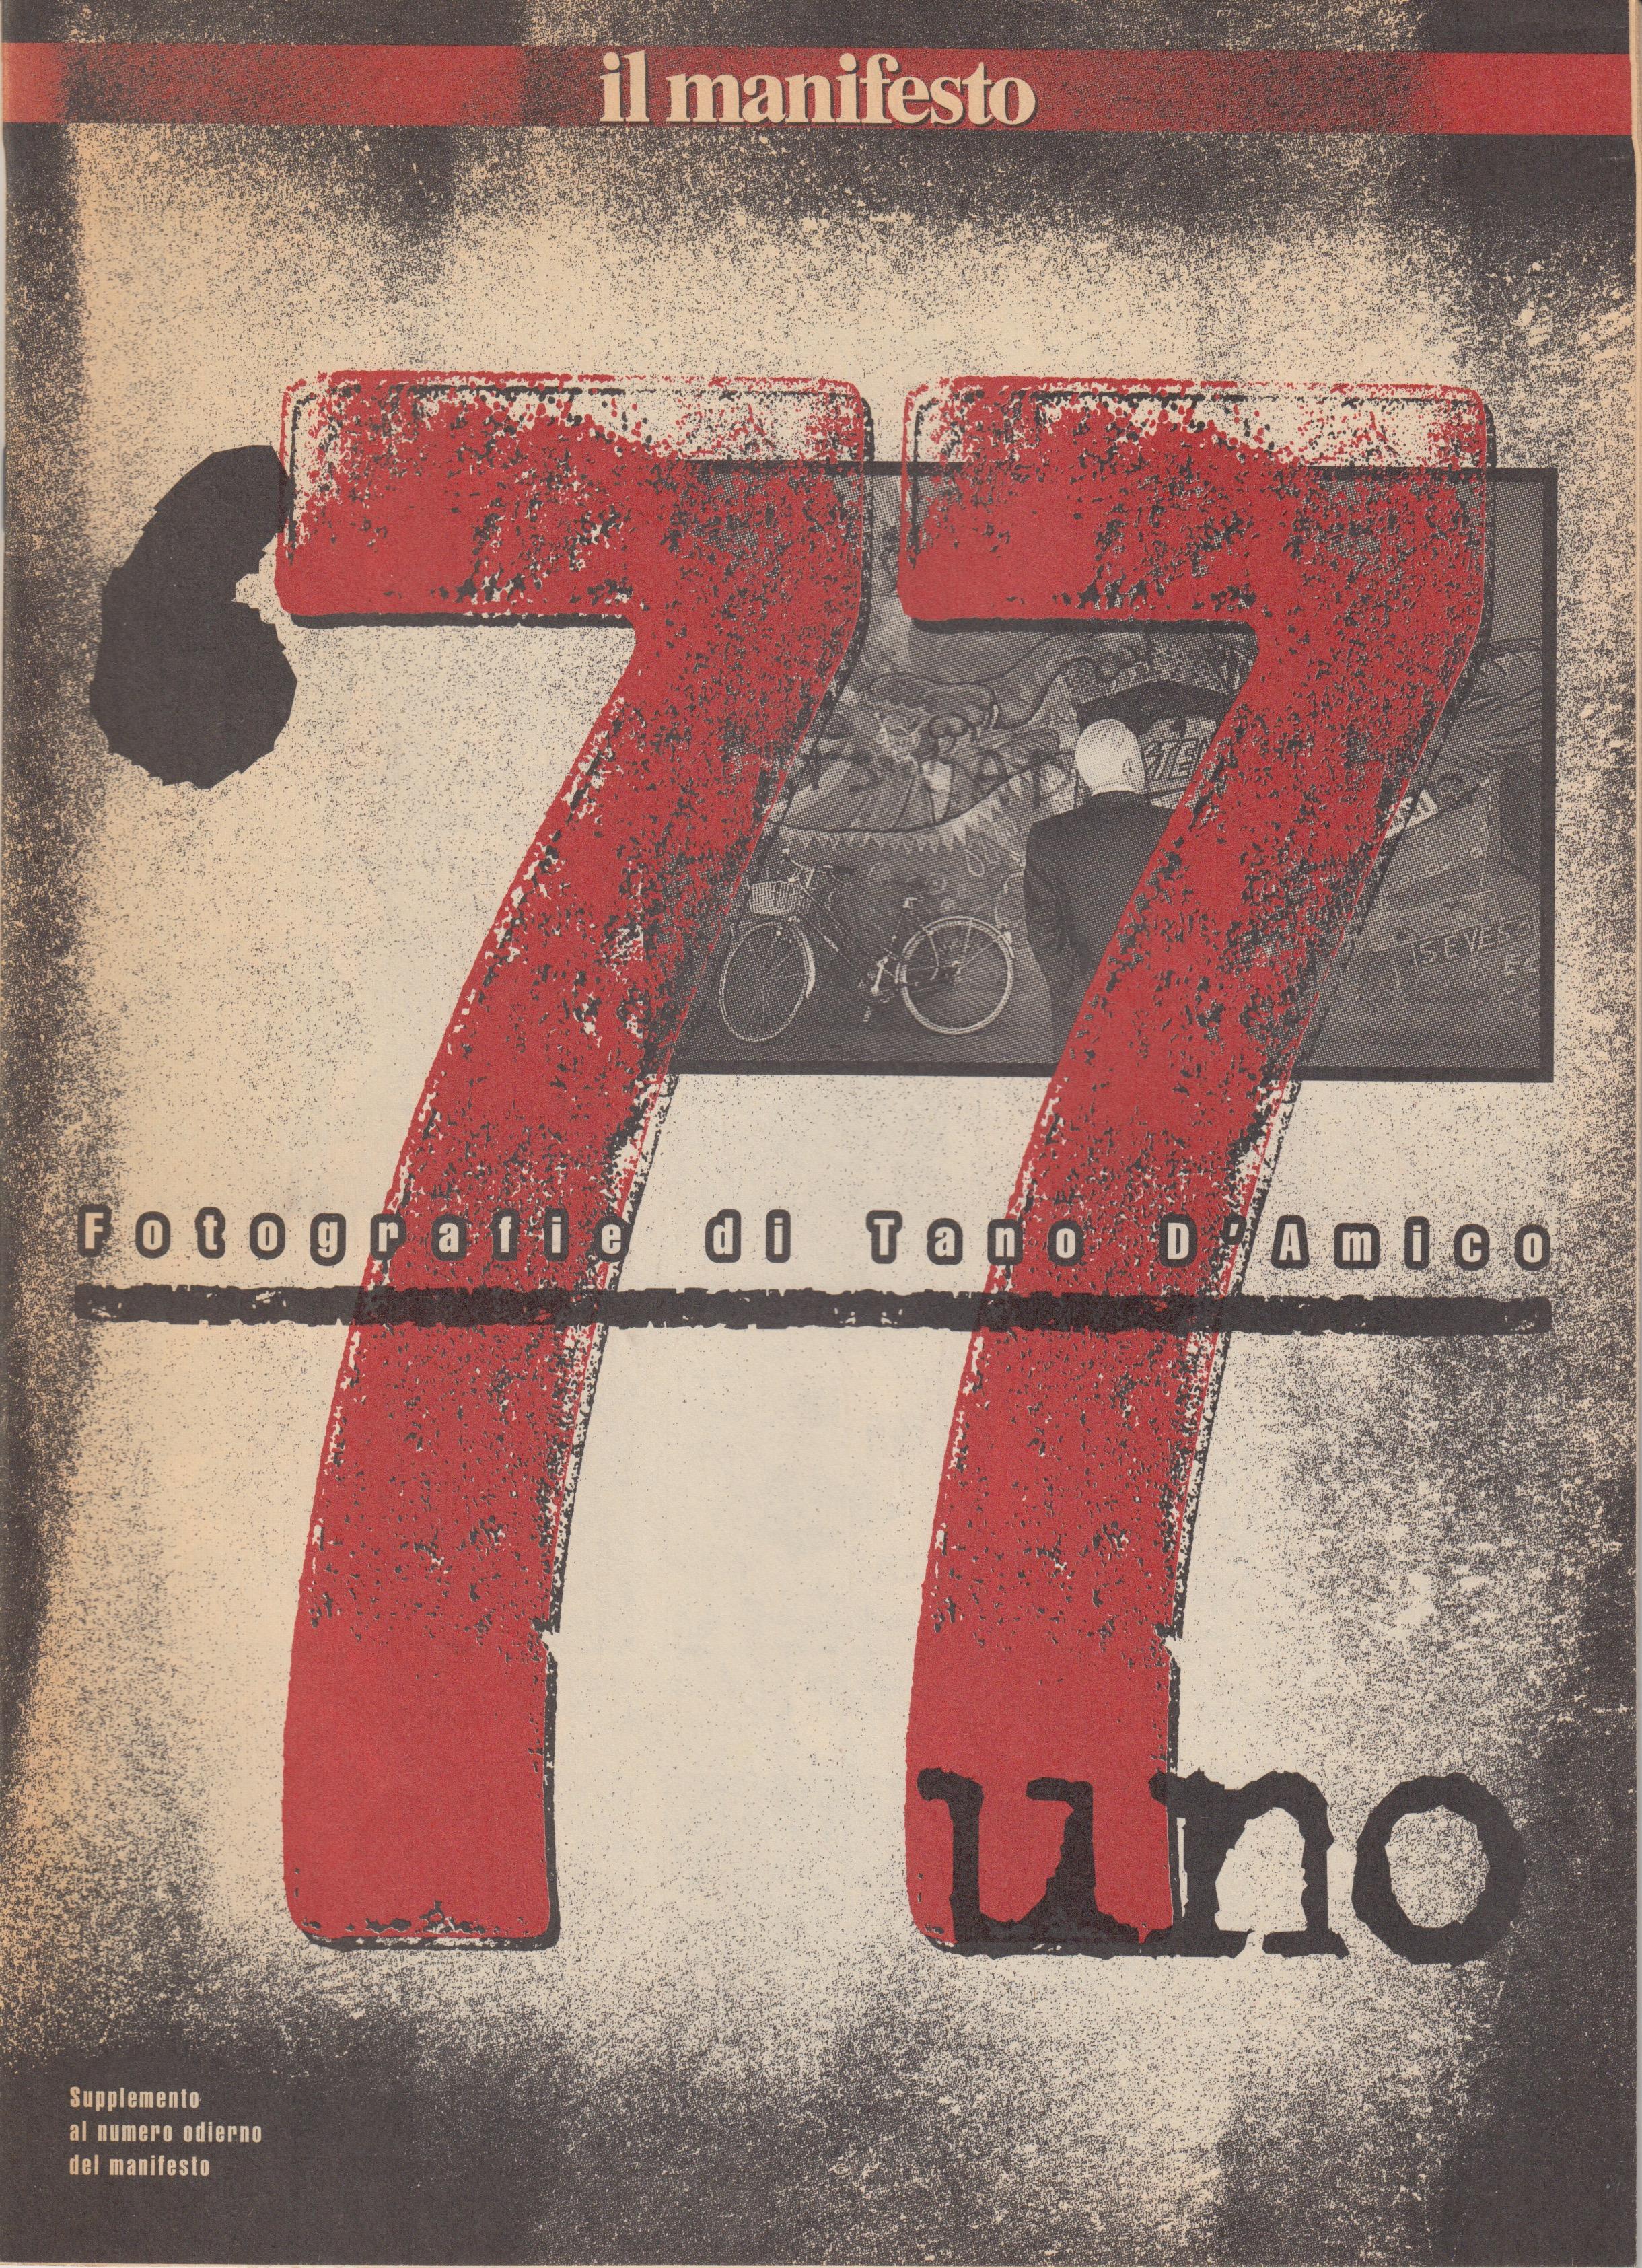 '77 uno